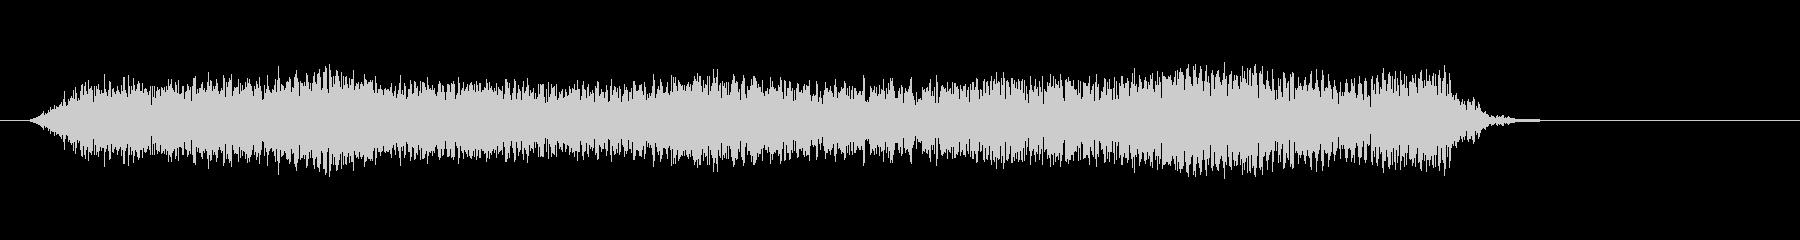 「暗い、響く恐怖音」ゴーーォォオオーンの未再生の波形